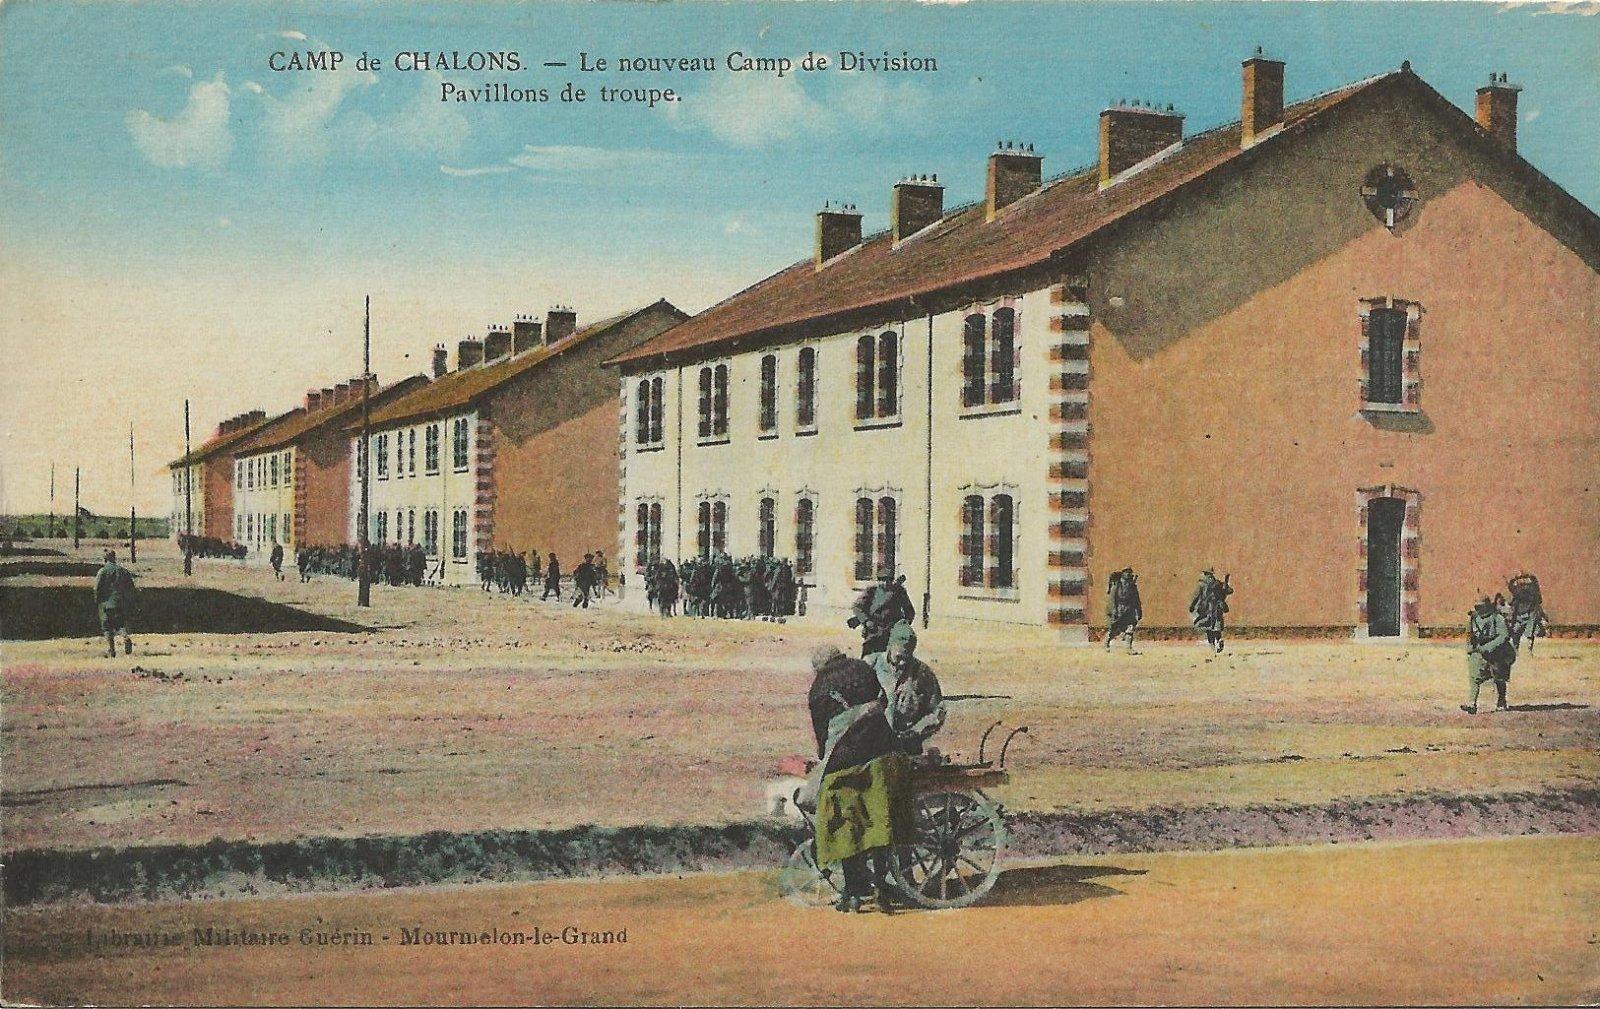 CAMP DE CHALONS 1930